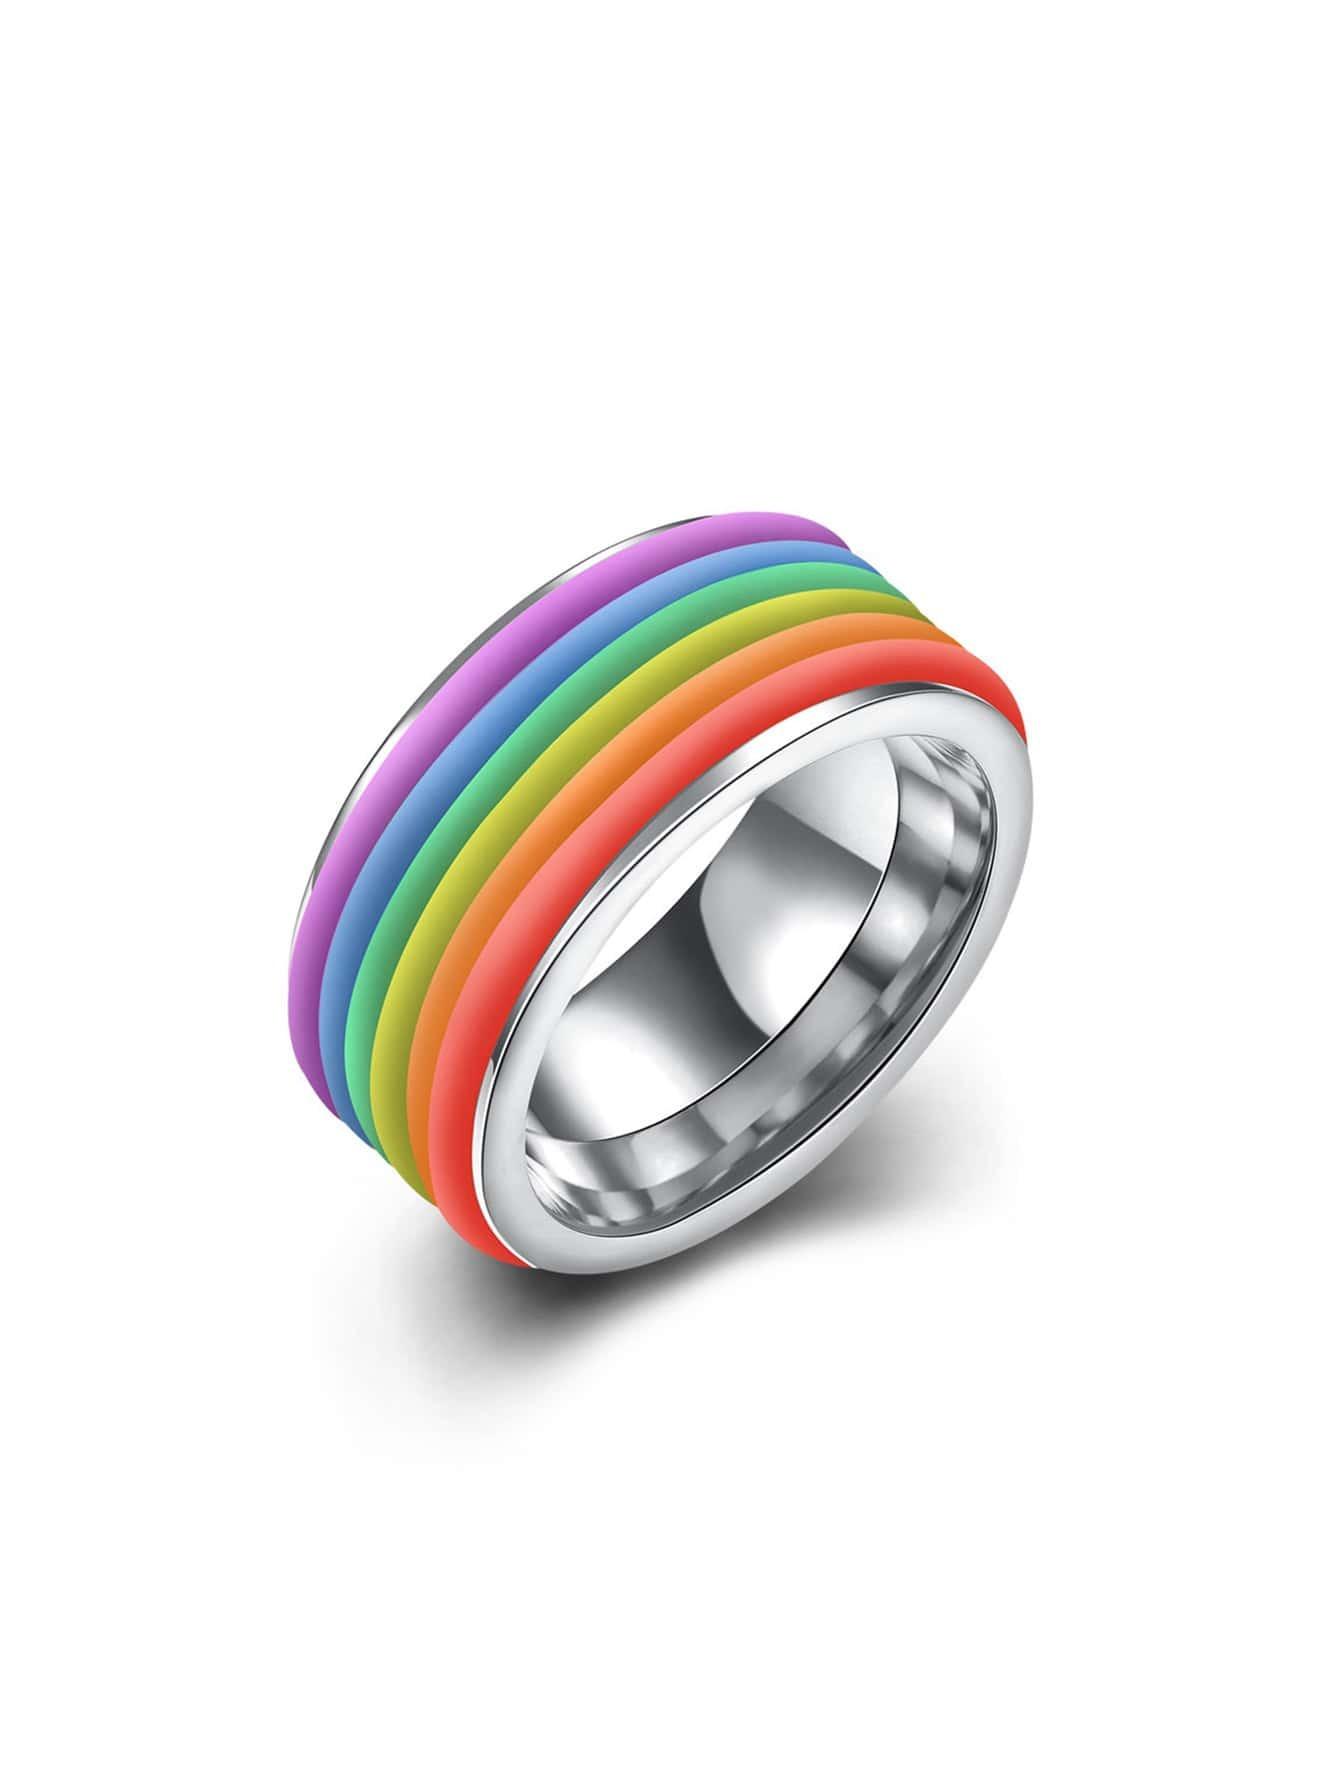 Multicolor Metal Ring